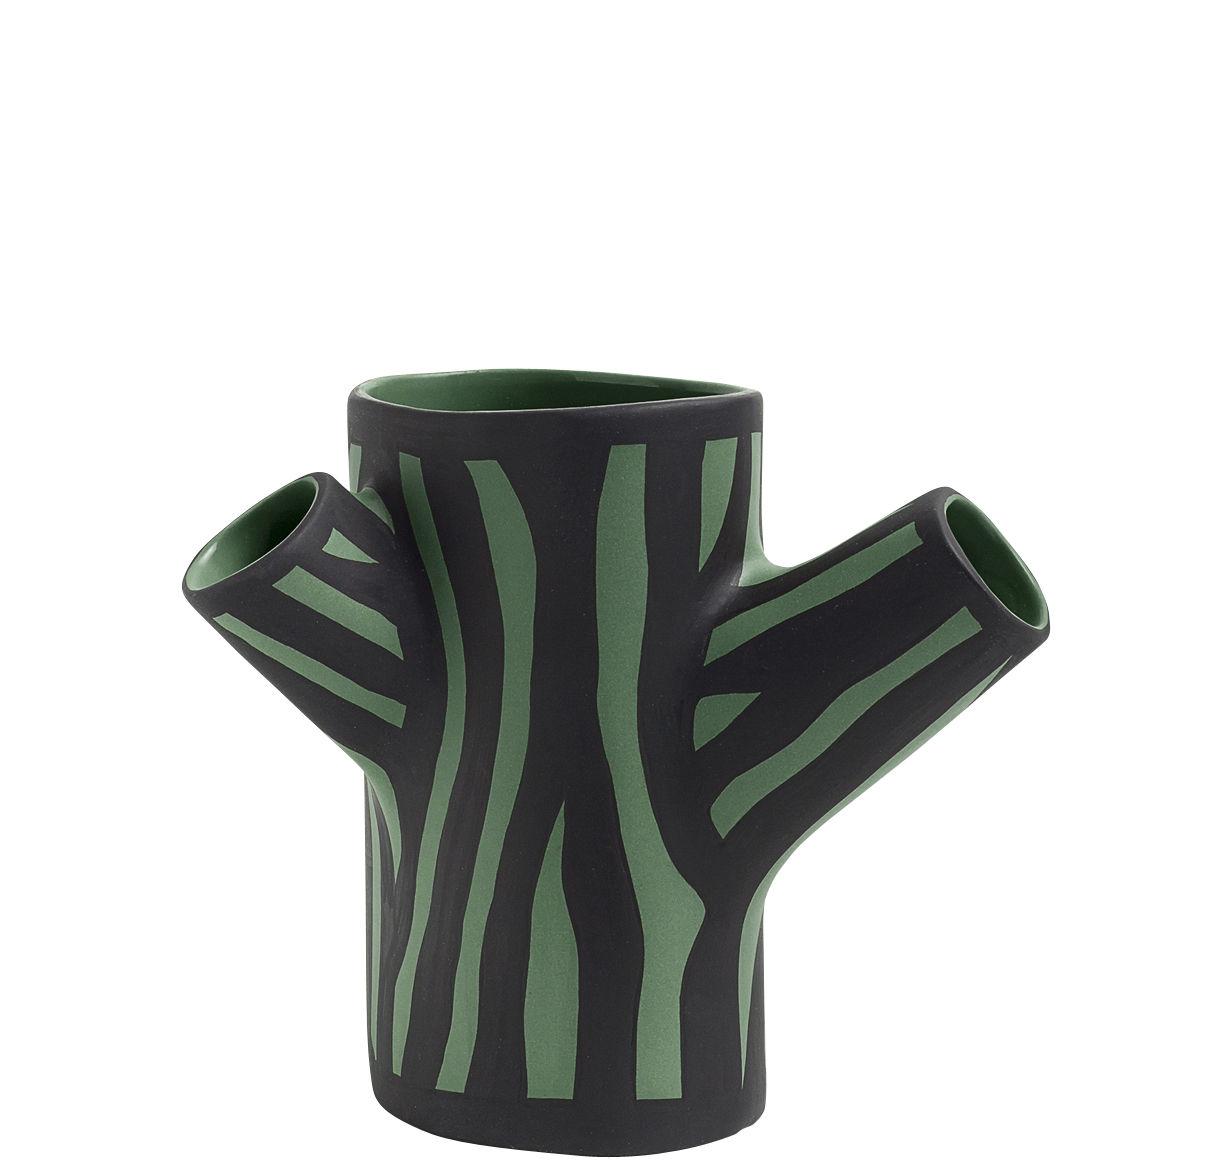 Déco - Vases - Vase Tree Trunk Small / H 15 cm - Peint à la main - Hay - Vert foncé - Grès